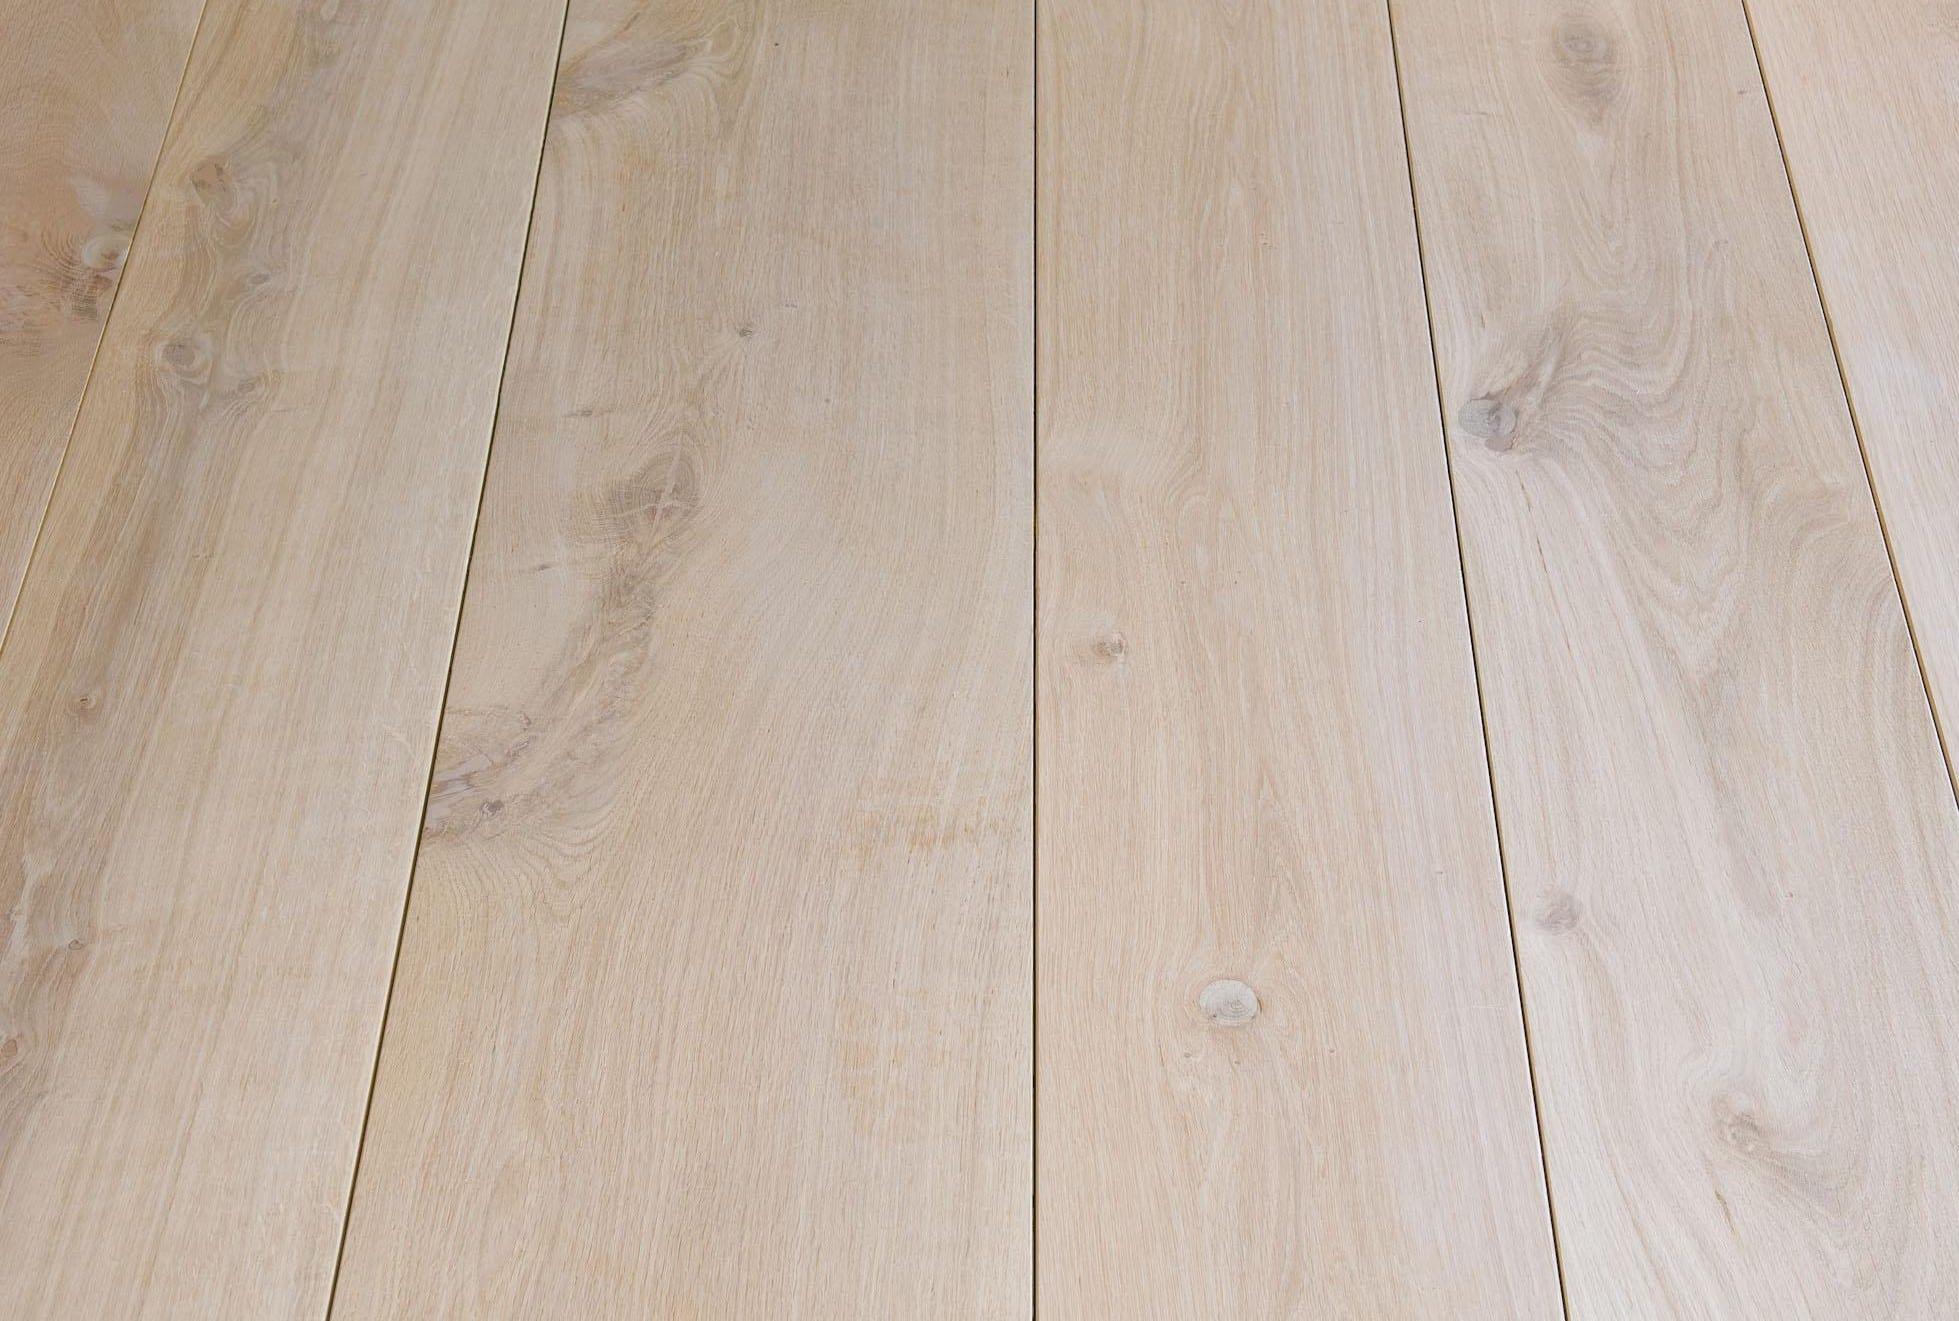 Fußboden Aus Holz ~ Echtholzdielen das wohlfühlgefühl kommt nach hause mit fußböden